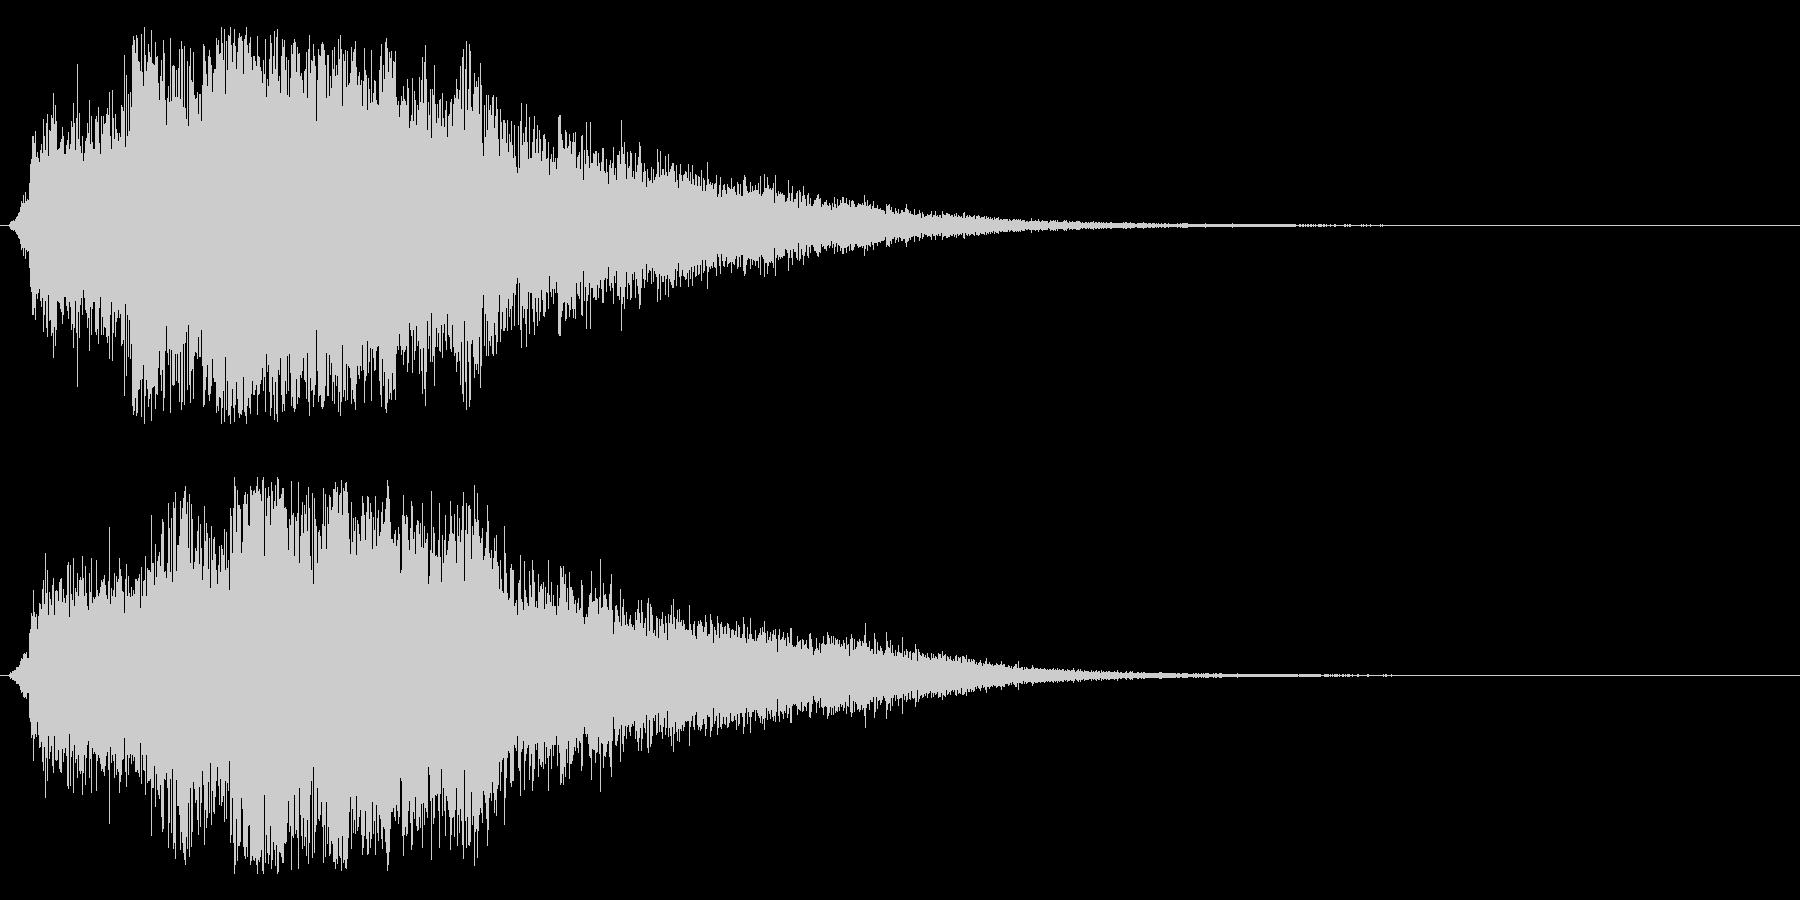 シャキーン(魔法、星、テロップなど)2の未再生の波形